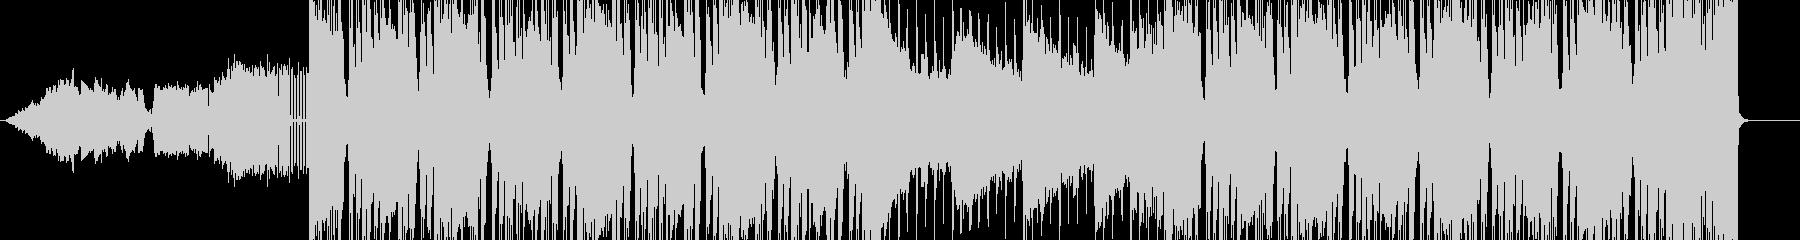 ロック感あふれるメロ無しBGMの未再生の波形